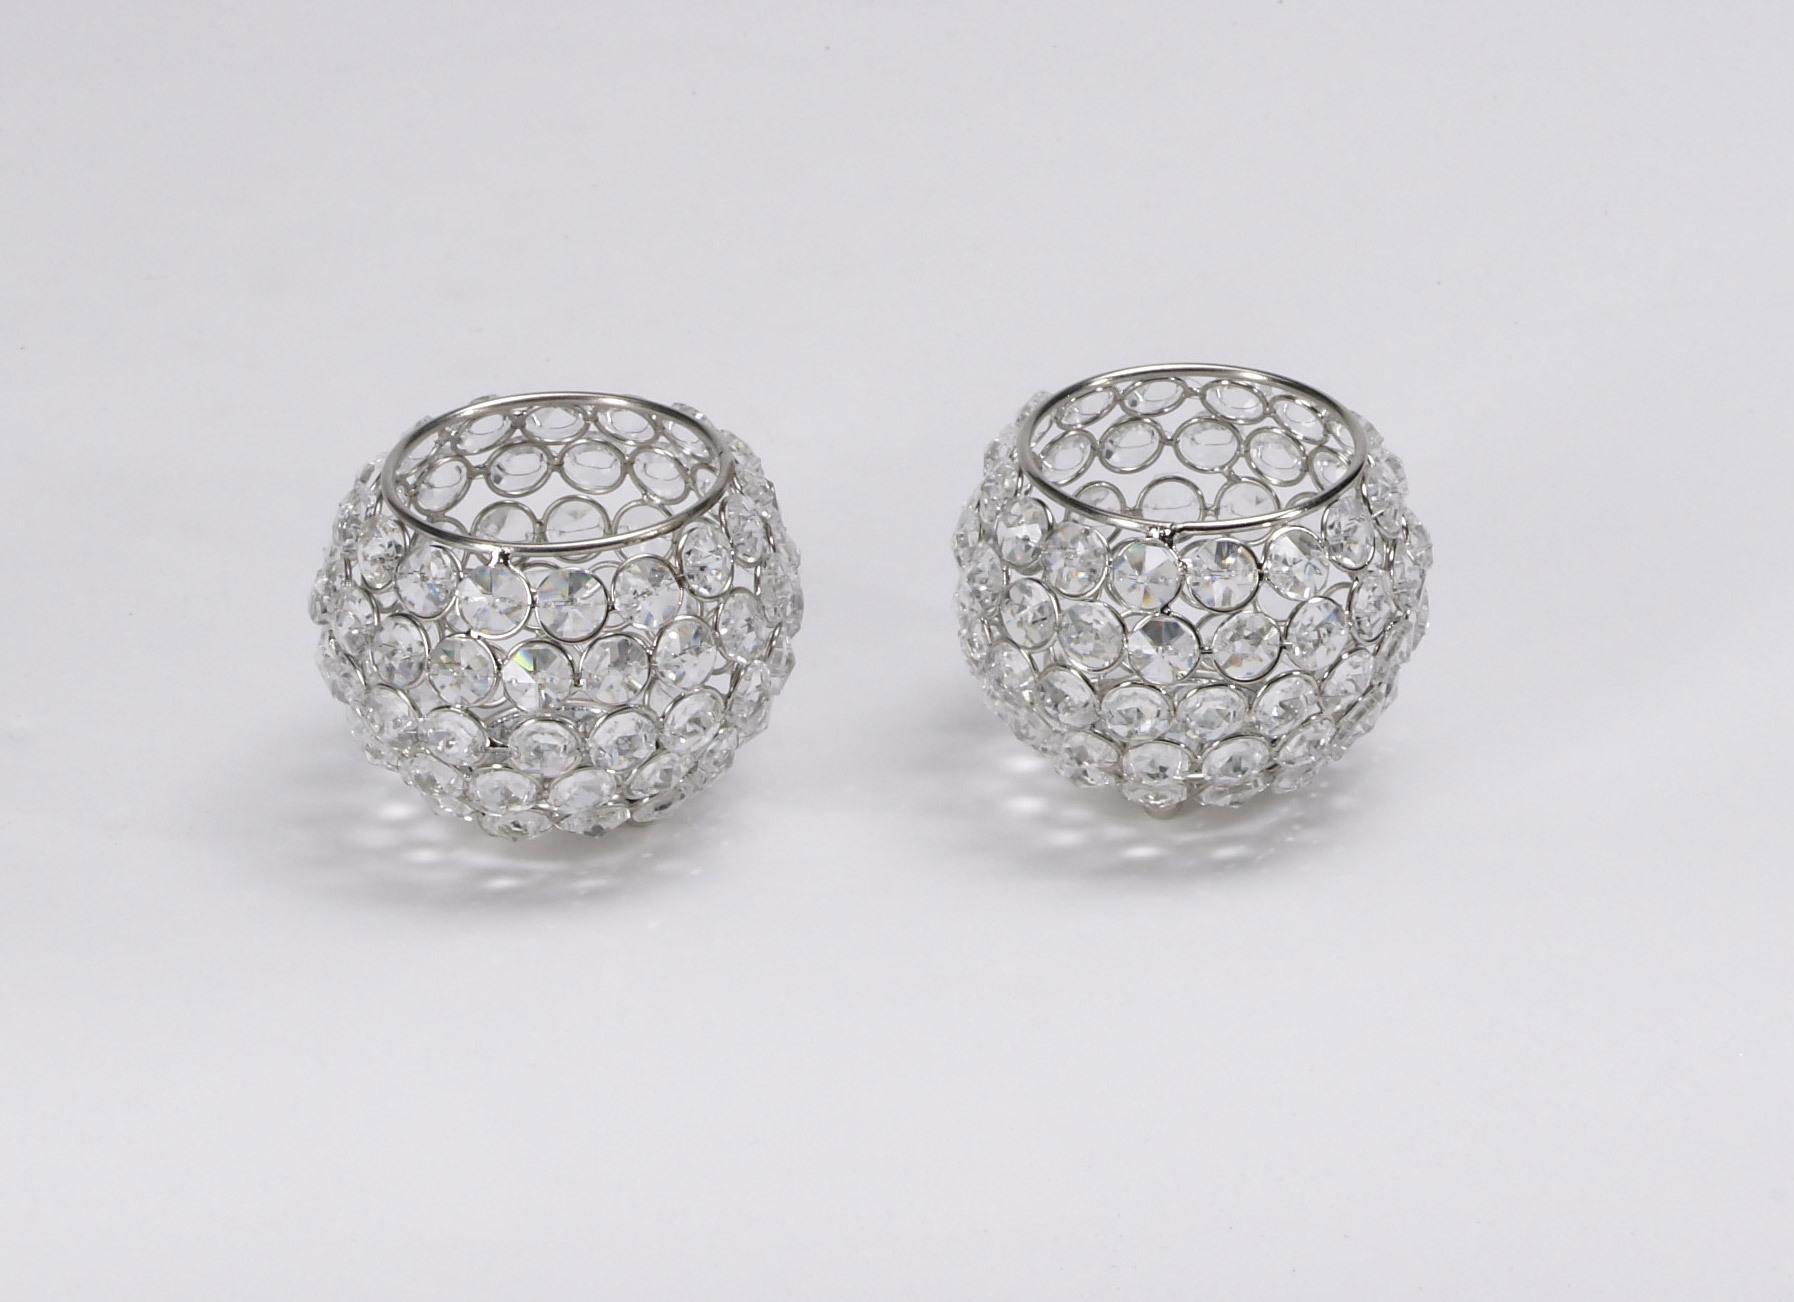 kristall kerzenst nder kugel 10 cm 4er set teelichthalter. Black Bedroom Furniture Sets. Home Design Ideas